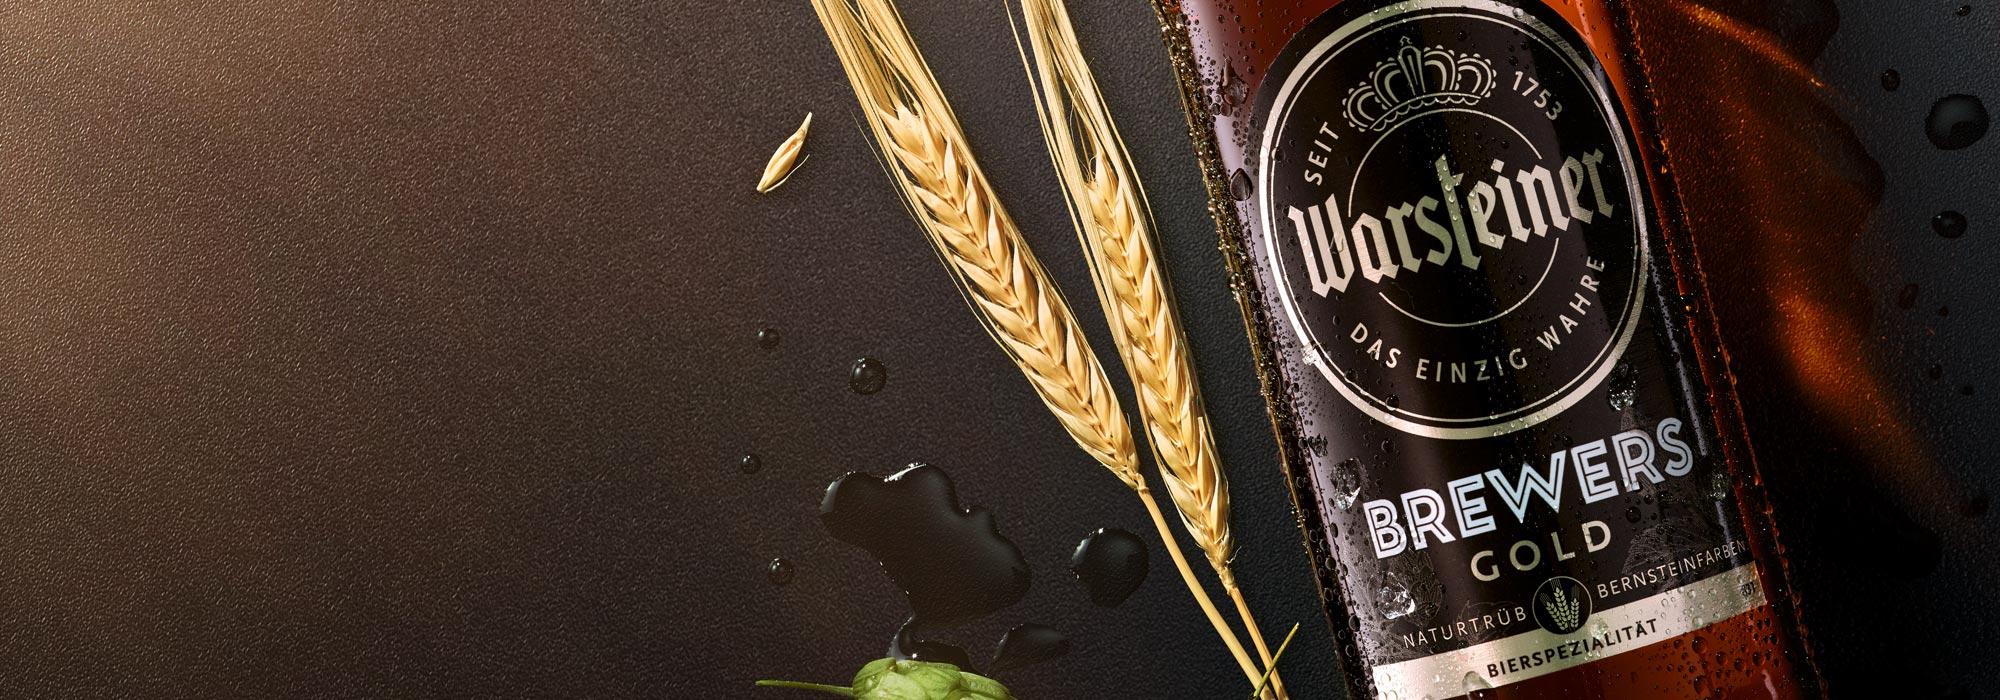 Warsteiner Brewers Gold Design